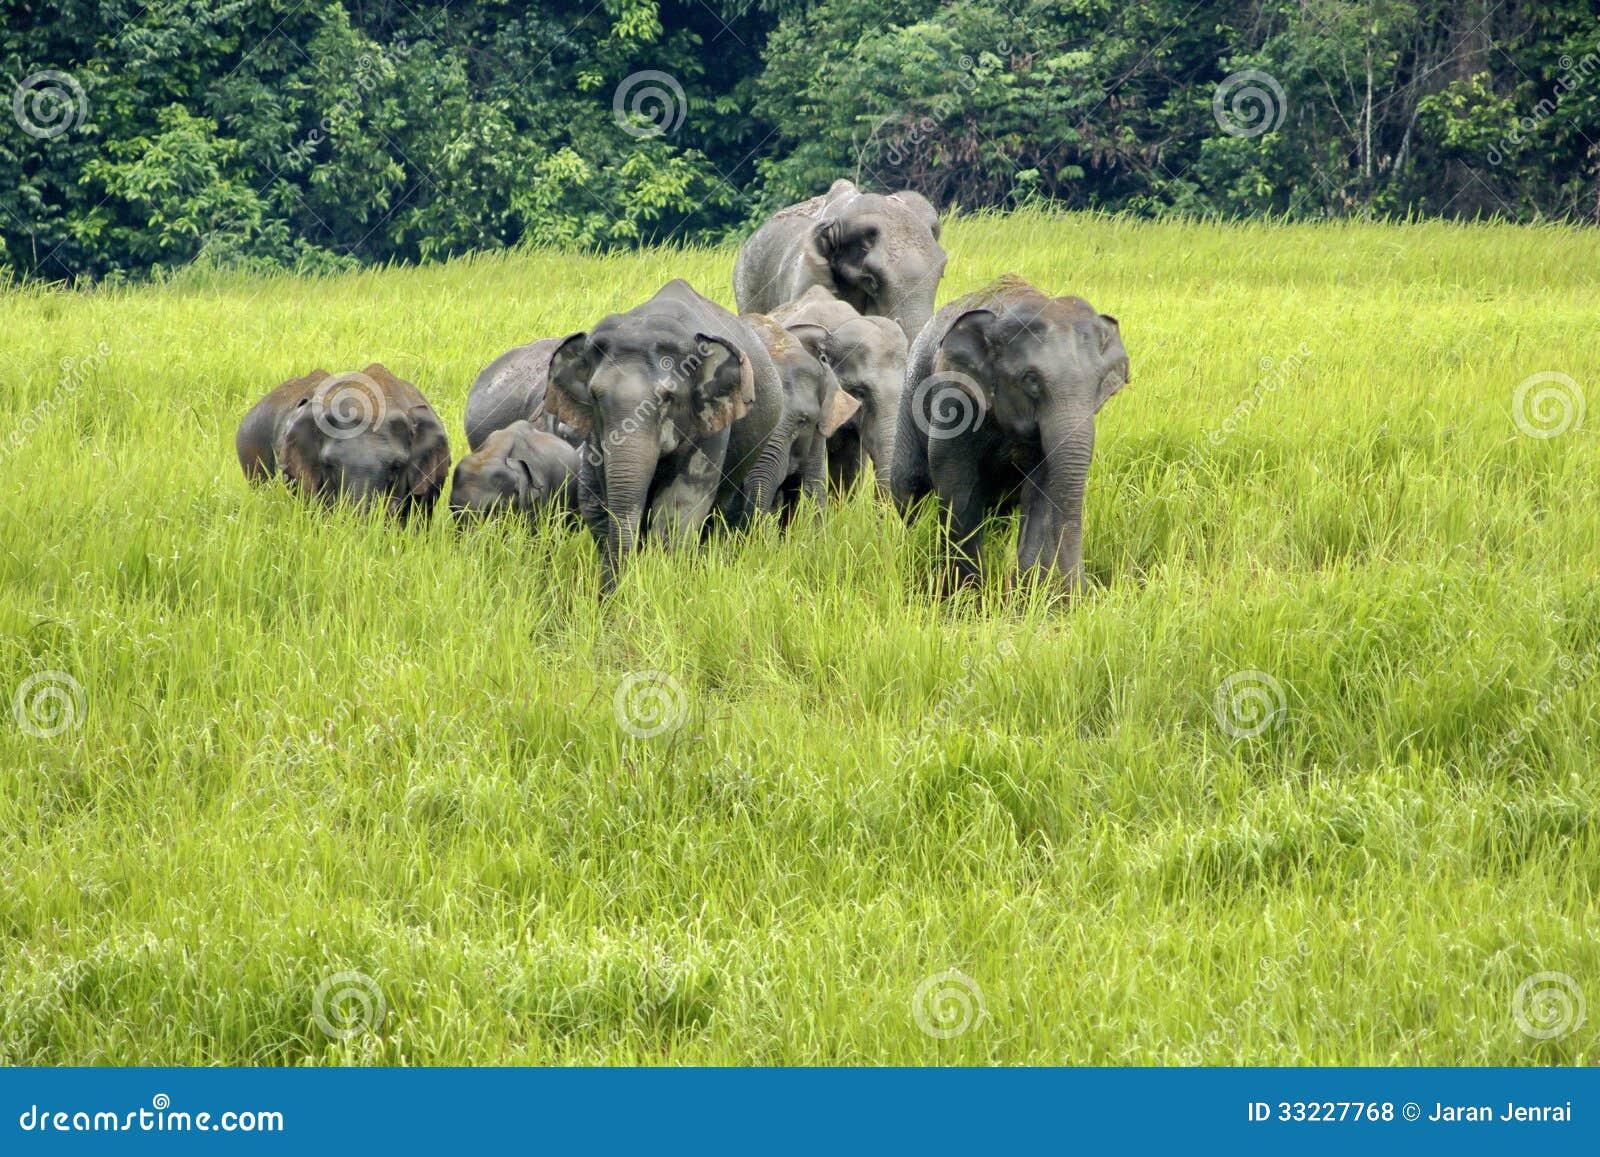 Elephants Asia Royalty...